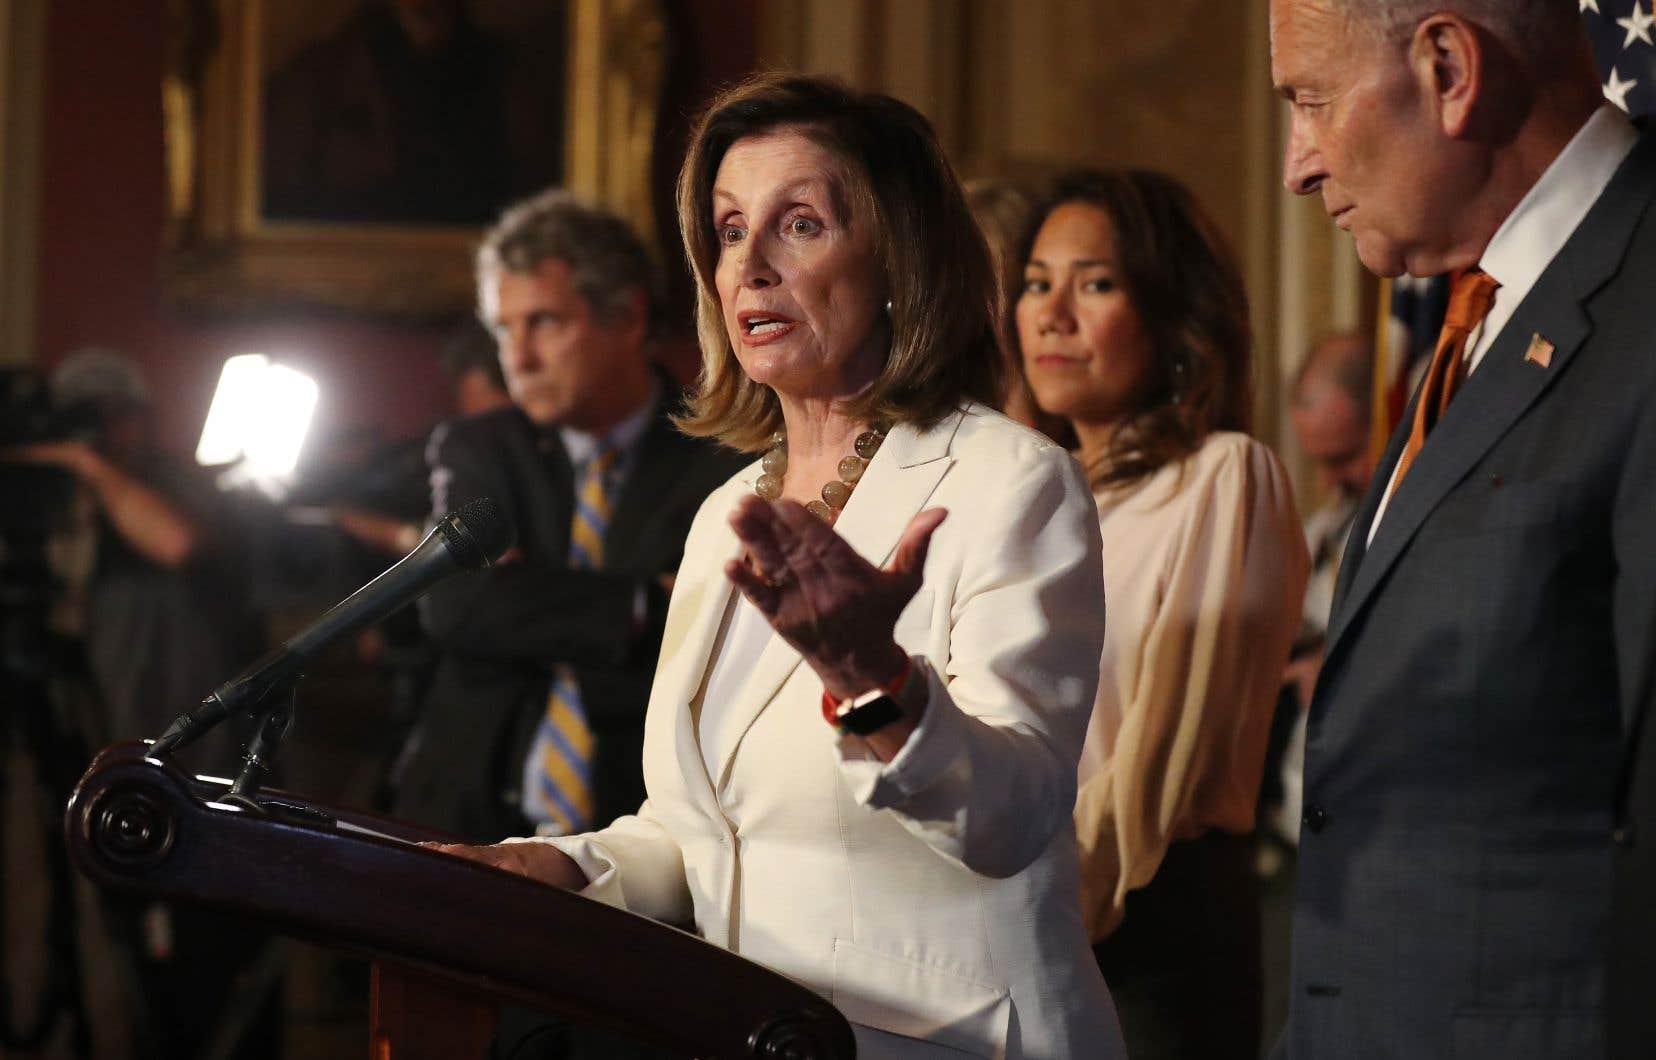 Nancy Pelosi, cheffe de la majorité démocrate à la Chambre des représentants, aux côtés de Chuck Schumer, chef de la minorité démocrate au Sénat, en point de presse à Washington lundi